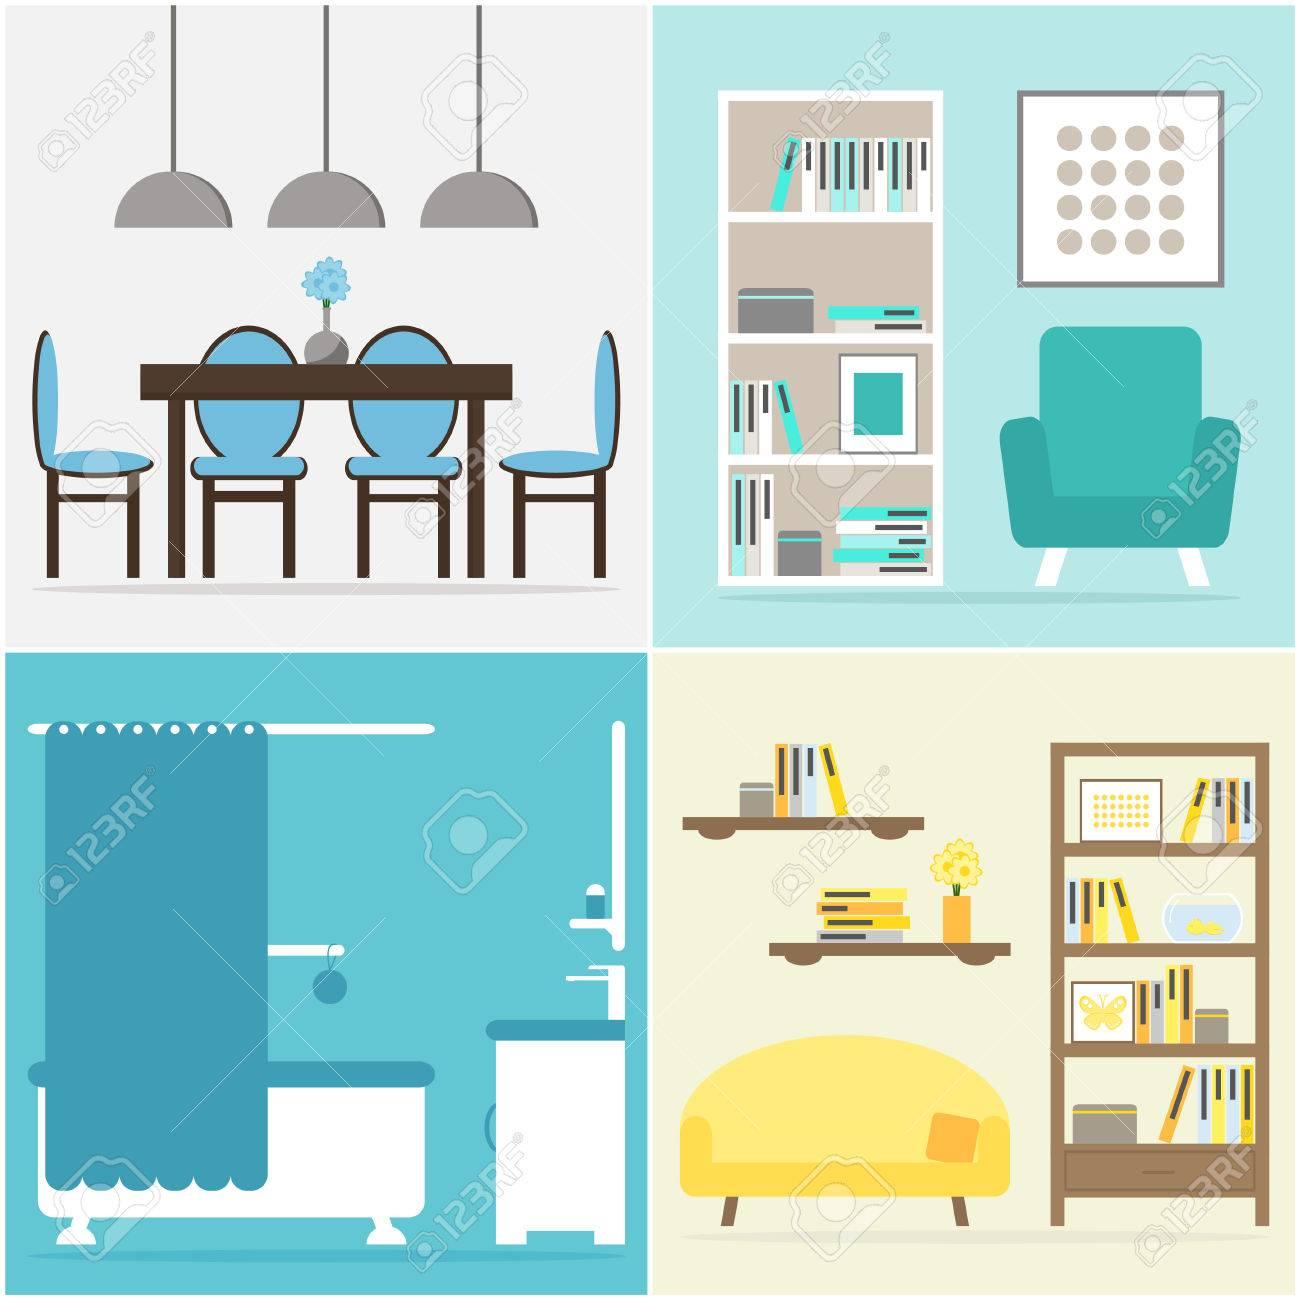 Standard Bild   Wohnung Einrichten. Wohnmöbel Kollektion. Möbel Für  Wohnzimmer, Wohnraum, Esszimmer, Küche, Bad. Flache Vektor Illustration  Design.